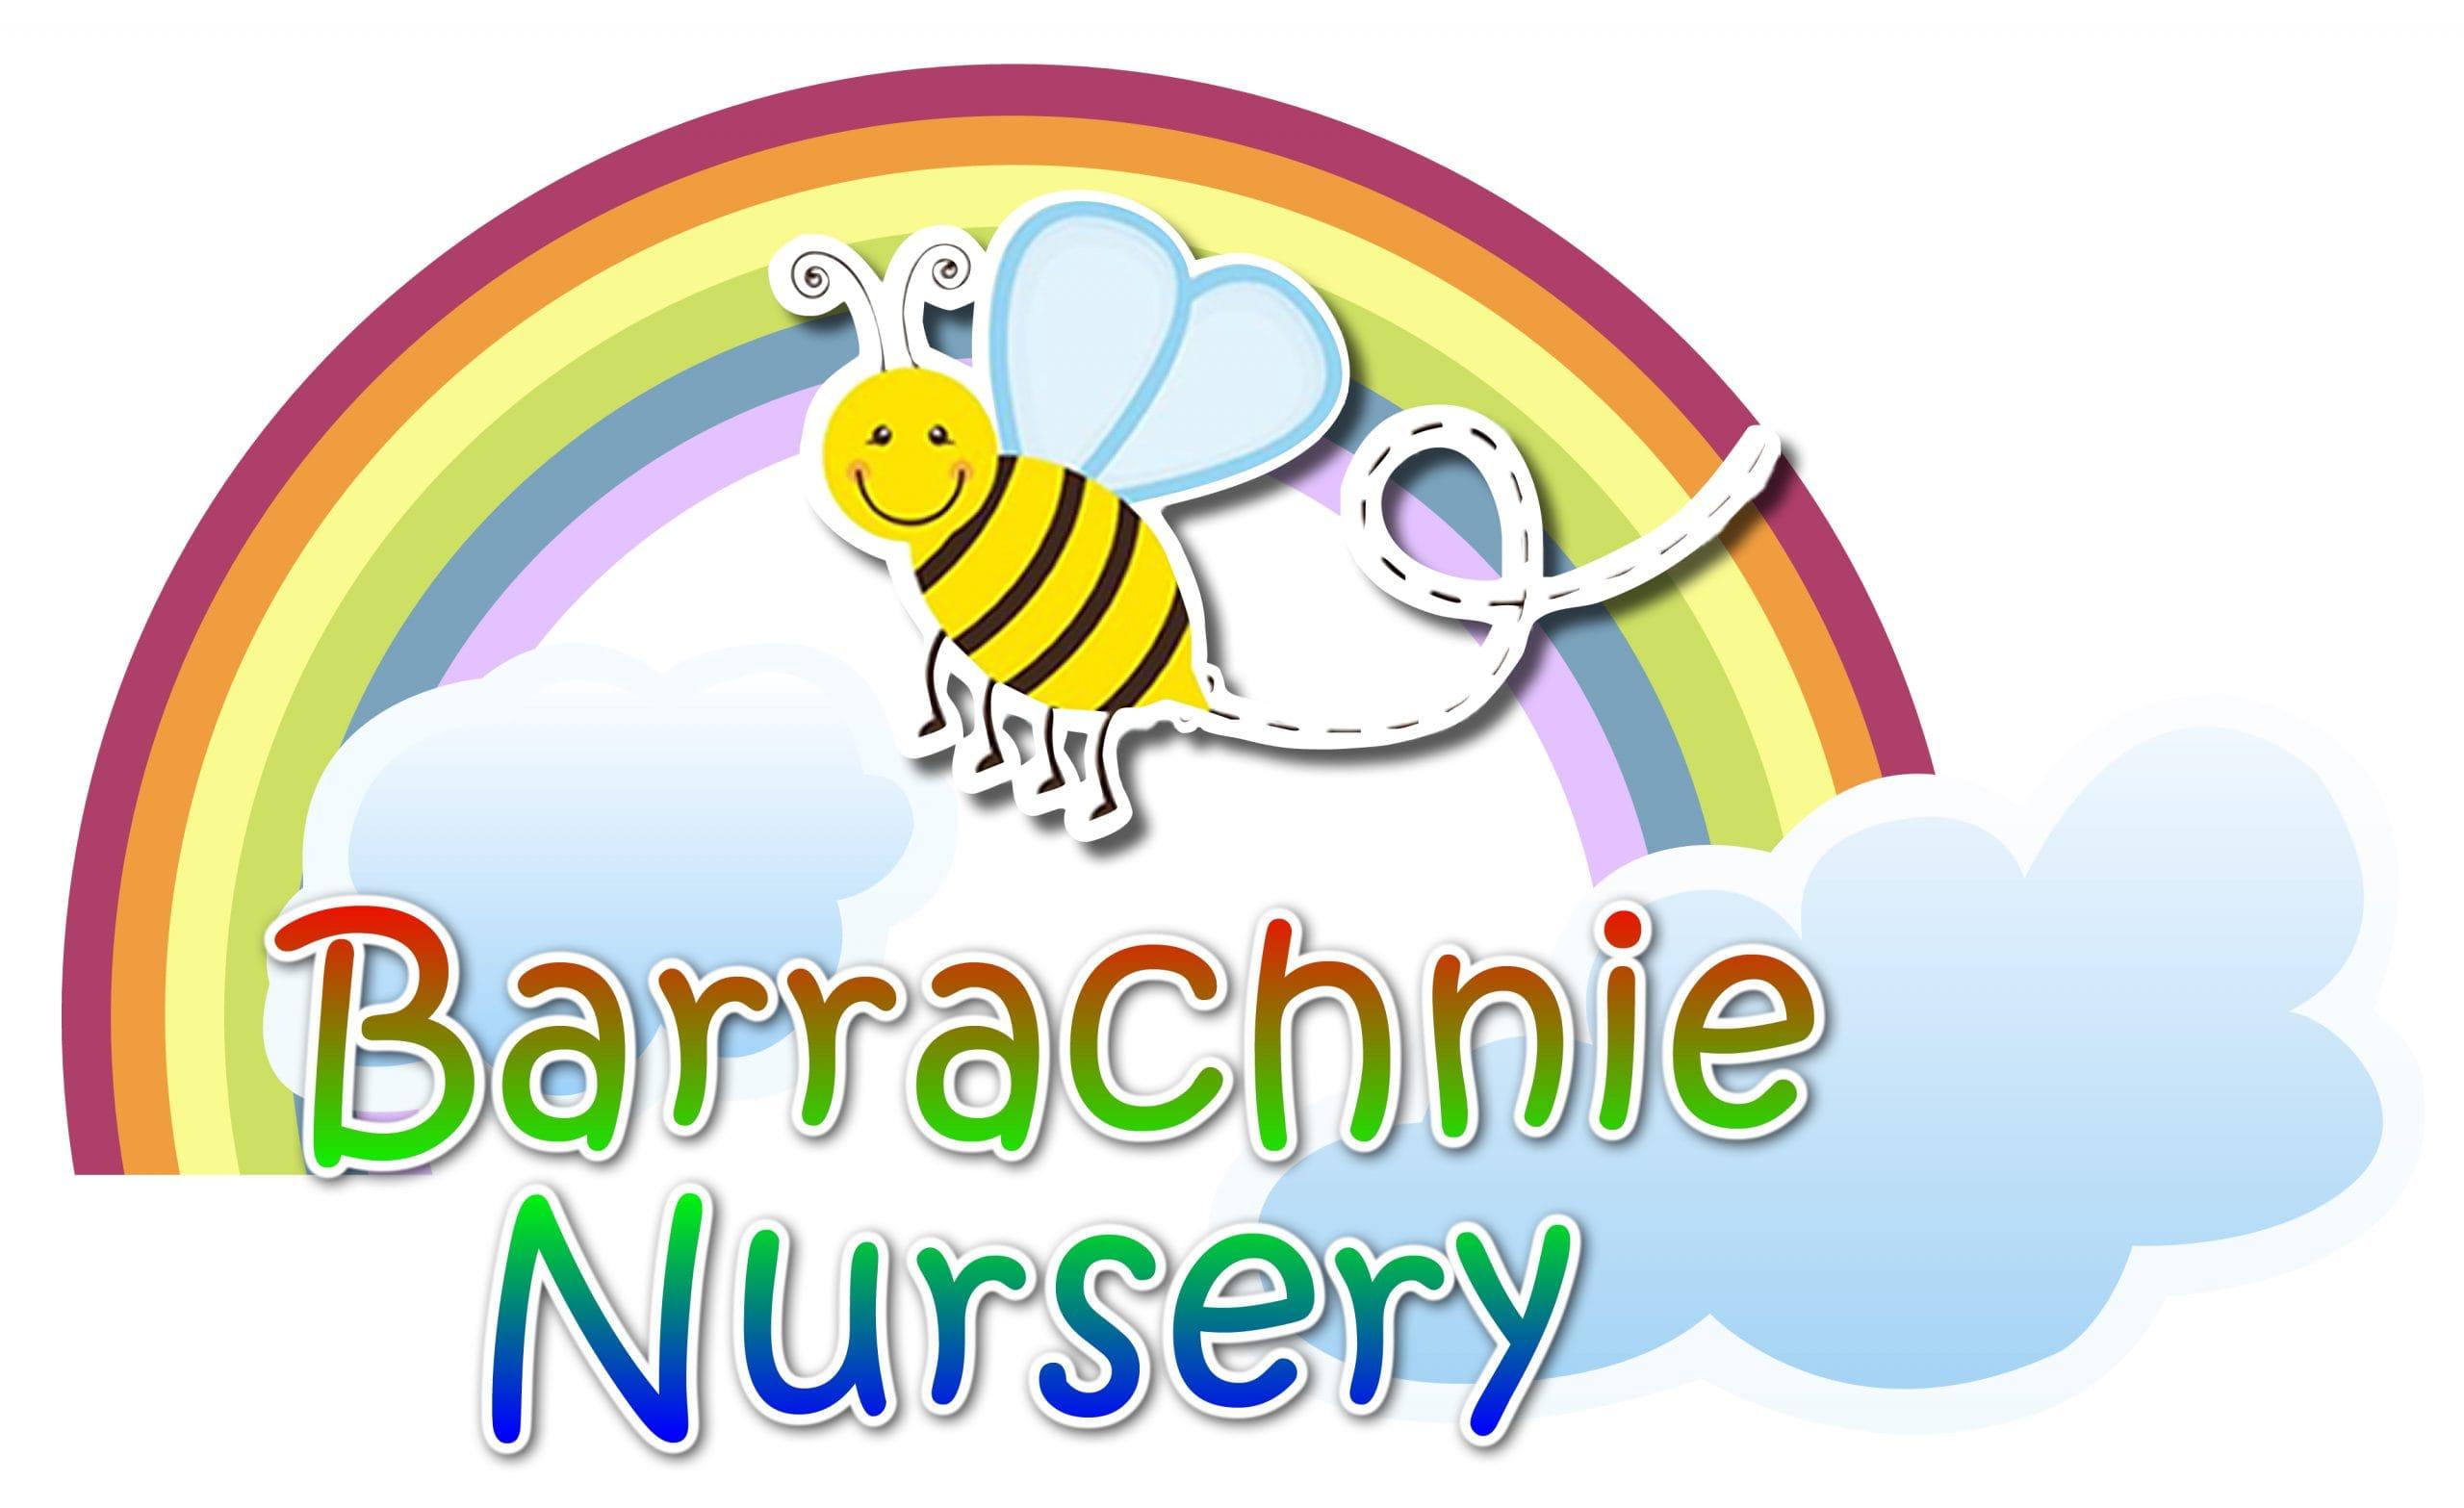 Barrachnie Nursery